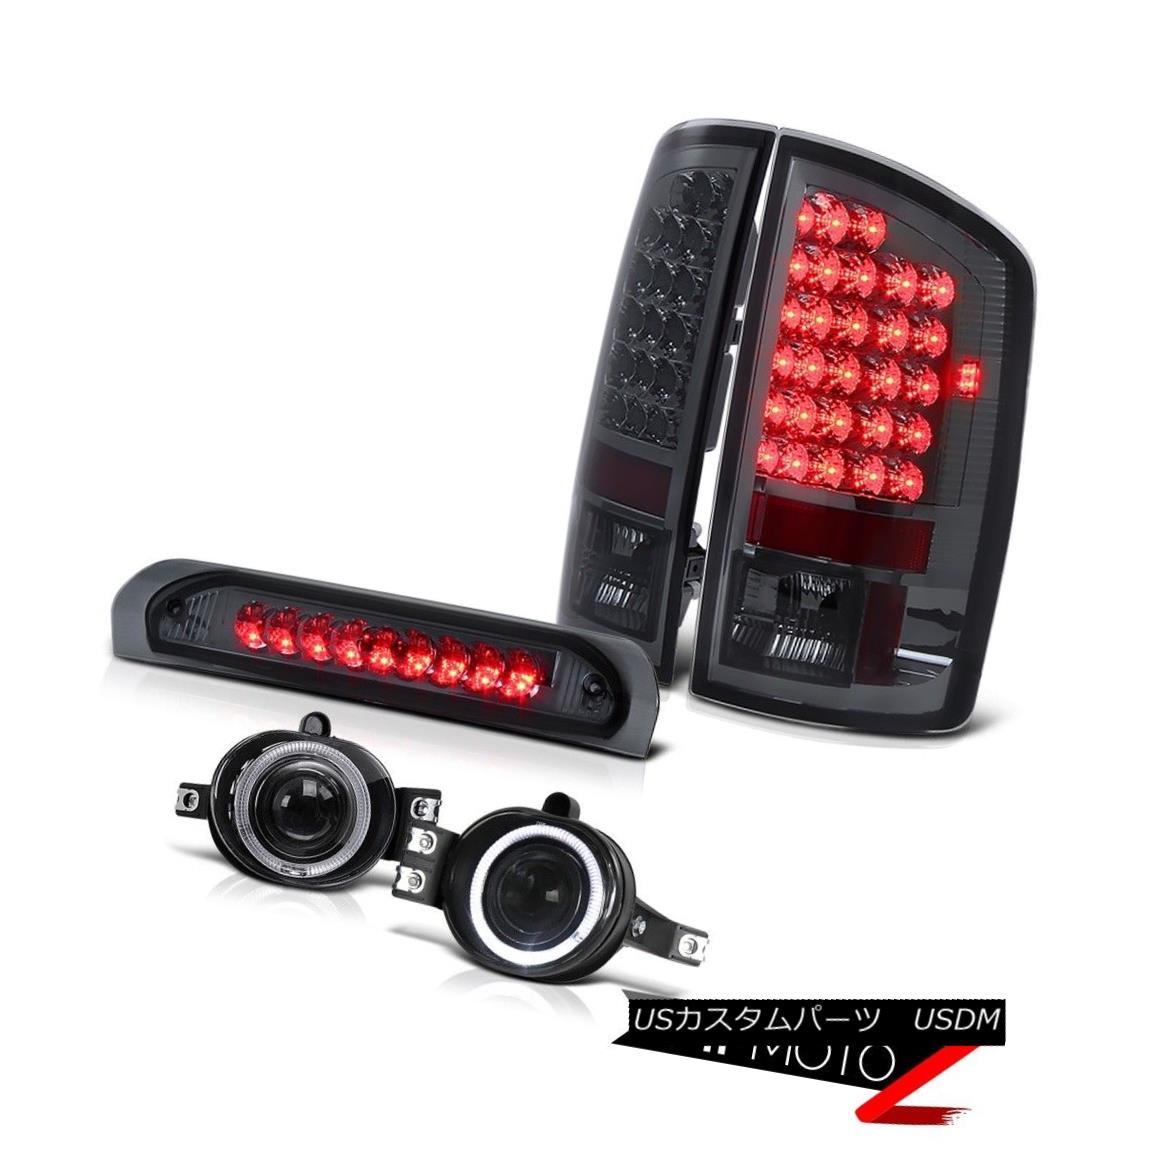 テールライト L+R Smoke LED Tail Light+3rd Brake+Halo Projector Fog Lamp Dodge RAM 02-06 1500 L + RスモークLEDテールライト+ 3rdブレーキ+ハロープロジェクターフォグランプダッジRAM 02-06 1500